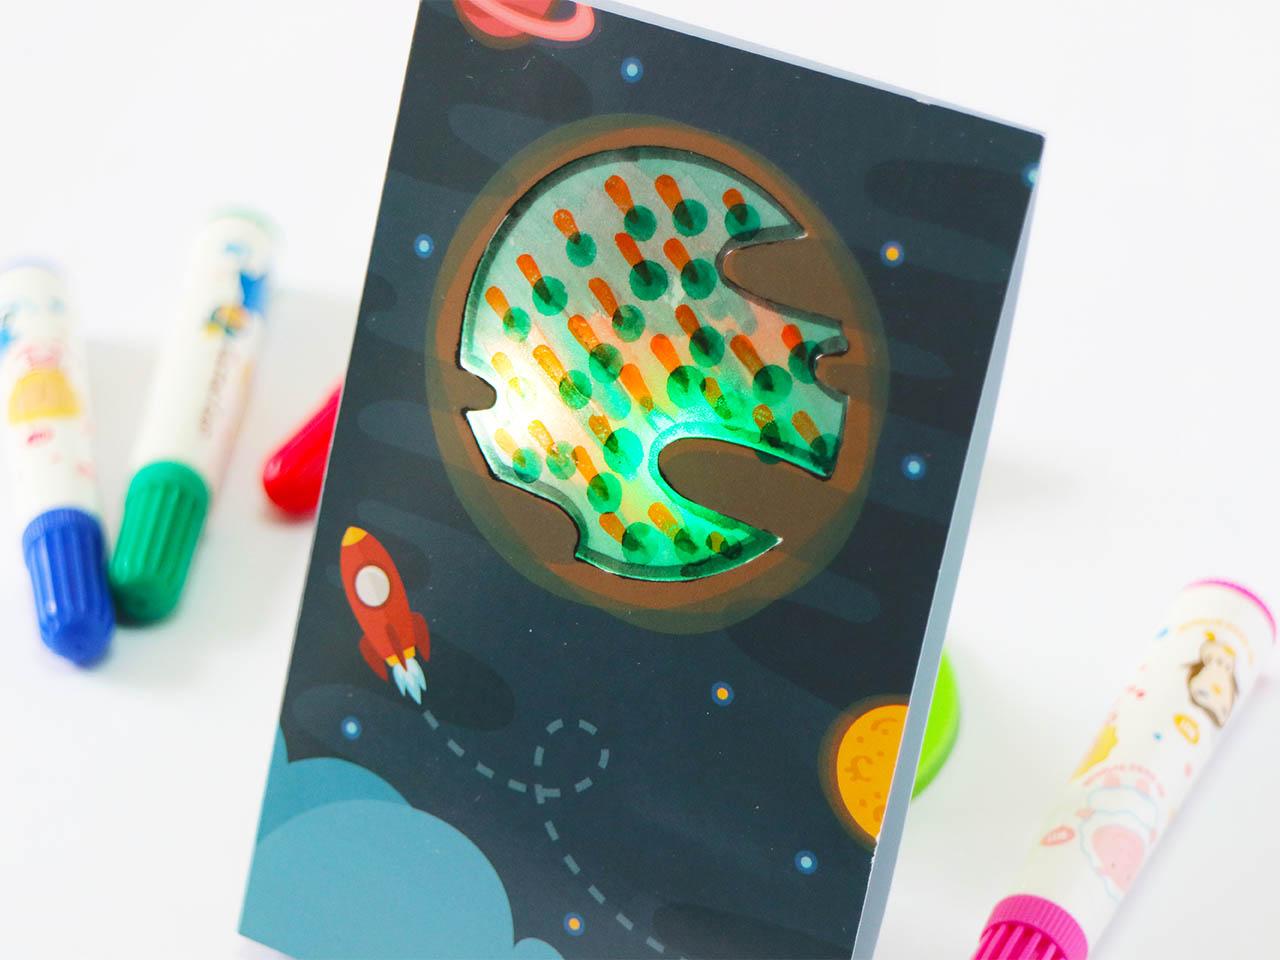 在卡片後發揮創意,塗鴉配上發光效果,創作獨一無二的專屬星球!